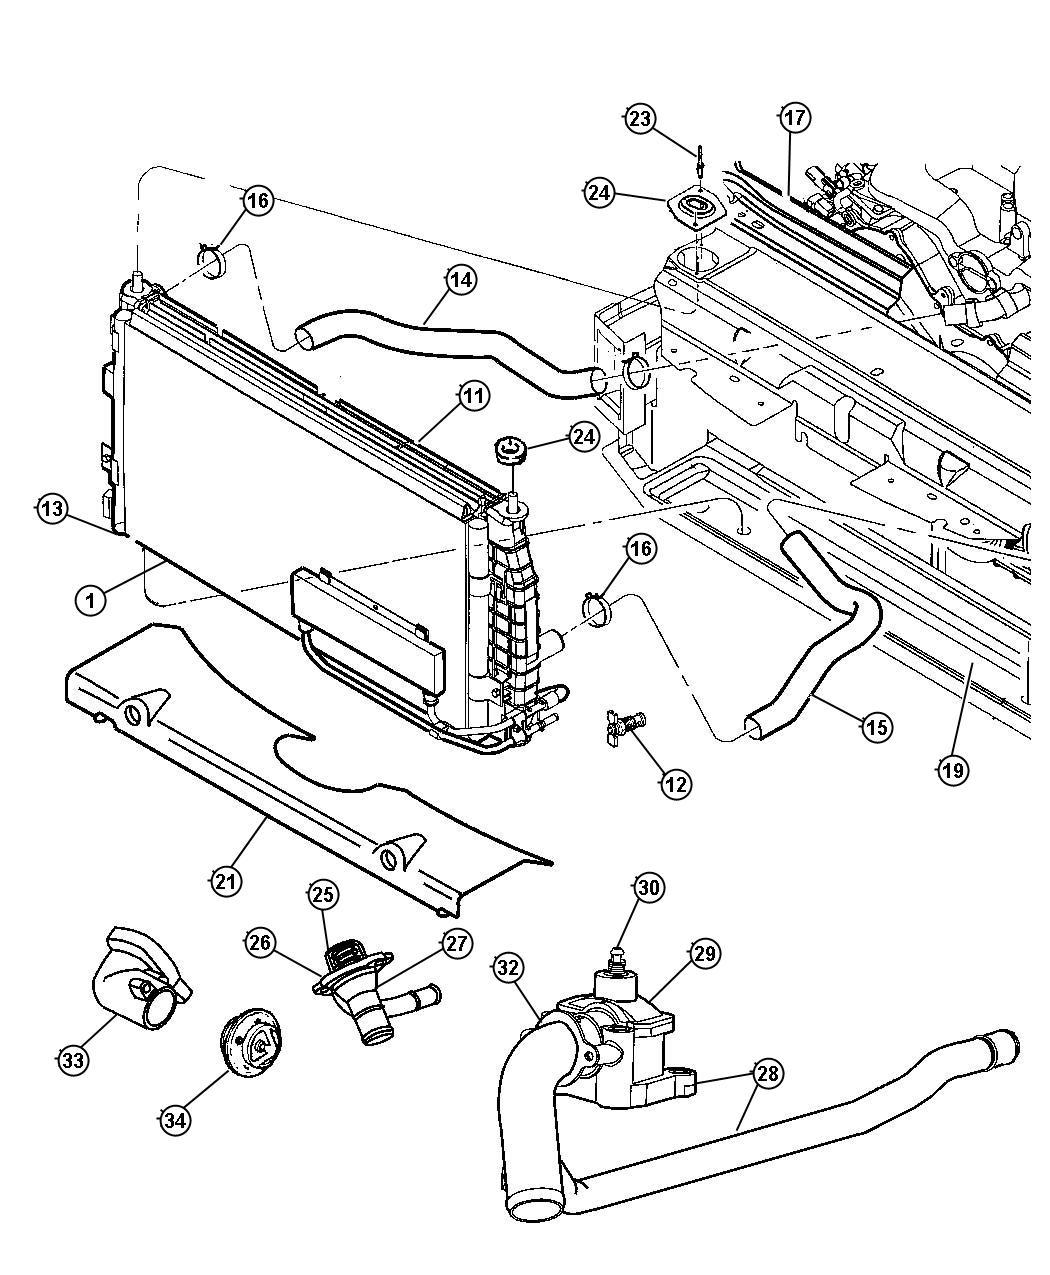 Wiring Diagram 1998 Dodge Intrepid Es. Dodge. Auto Wiring